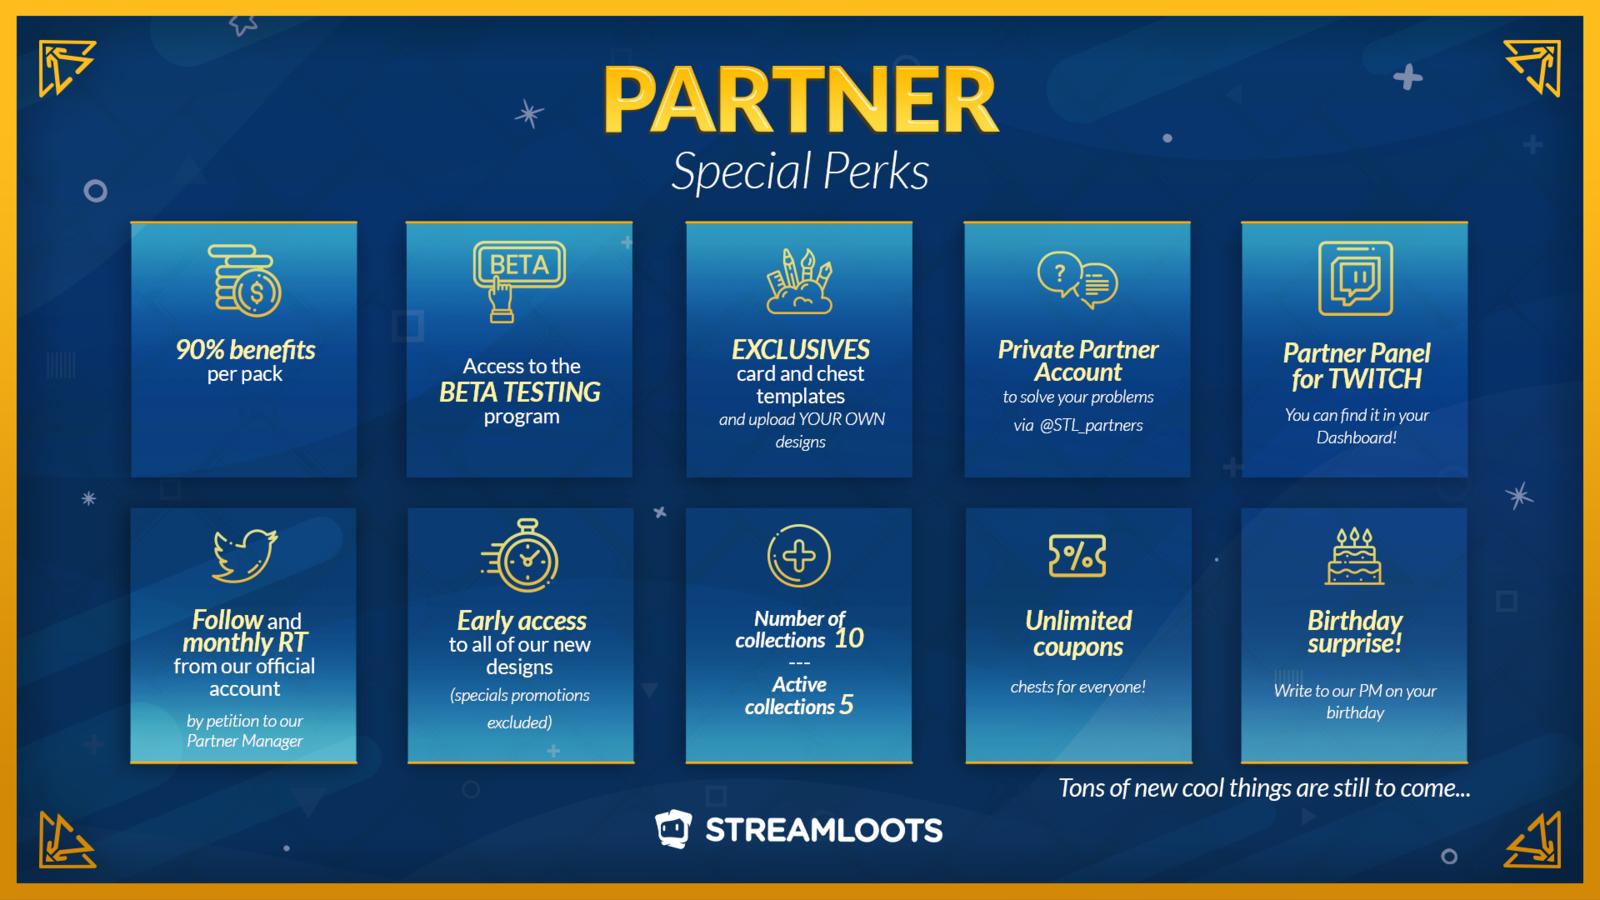 Special partner perks